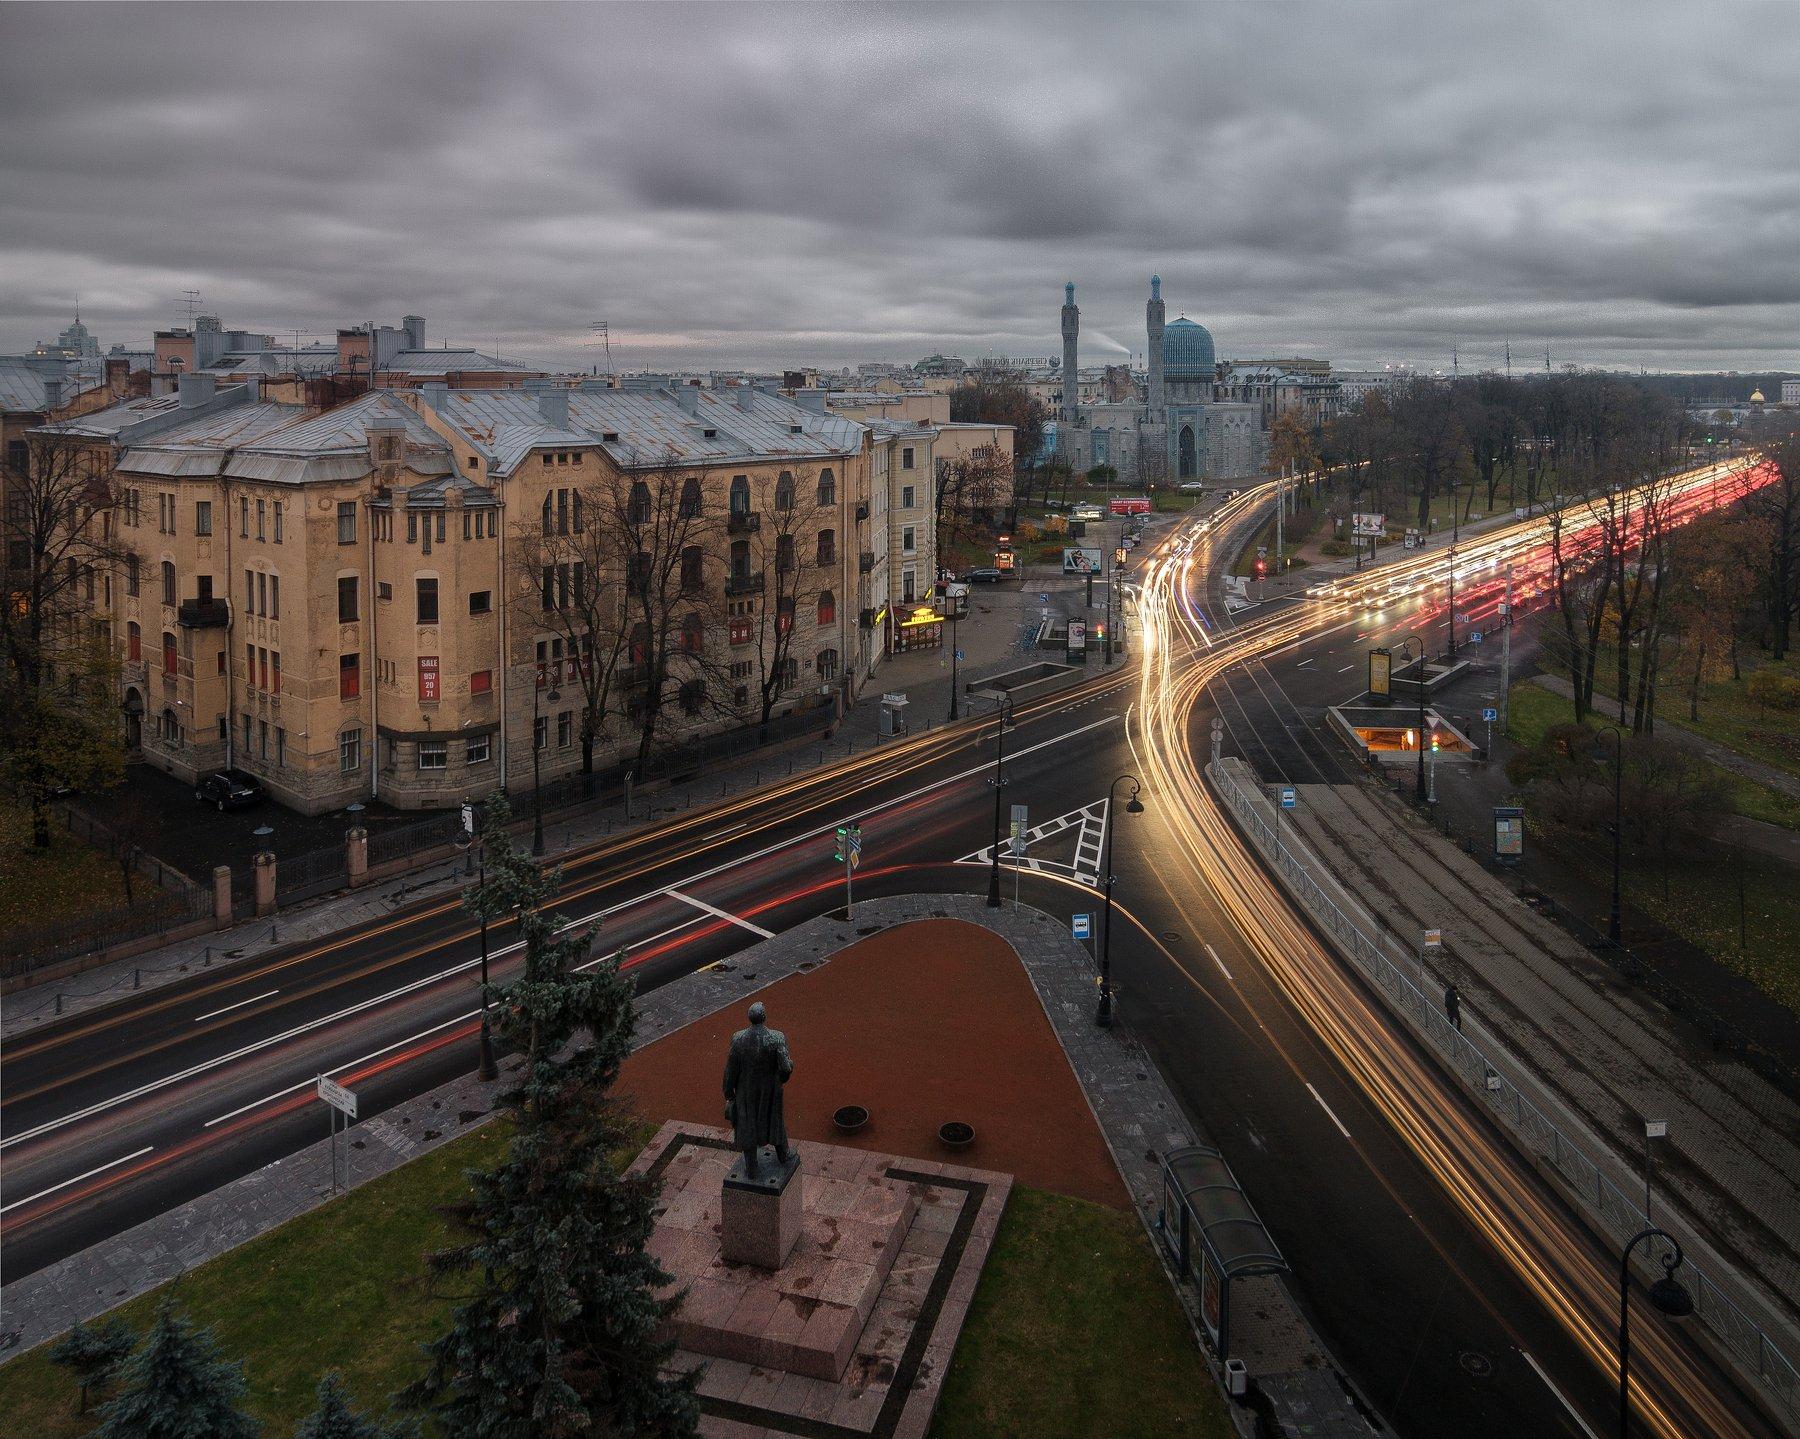 Крыша, город, мечеть, выдержка, urban exploration, Голубев Алексей